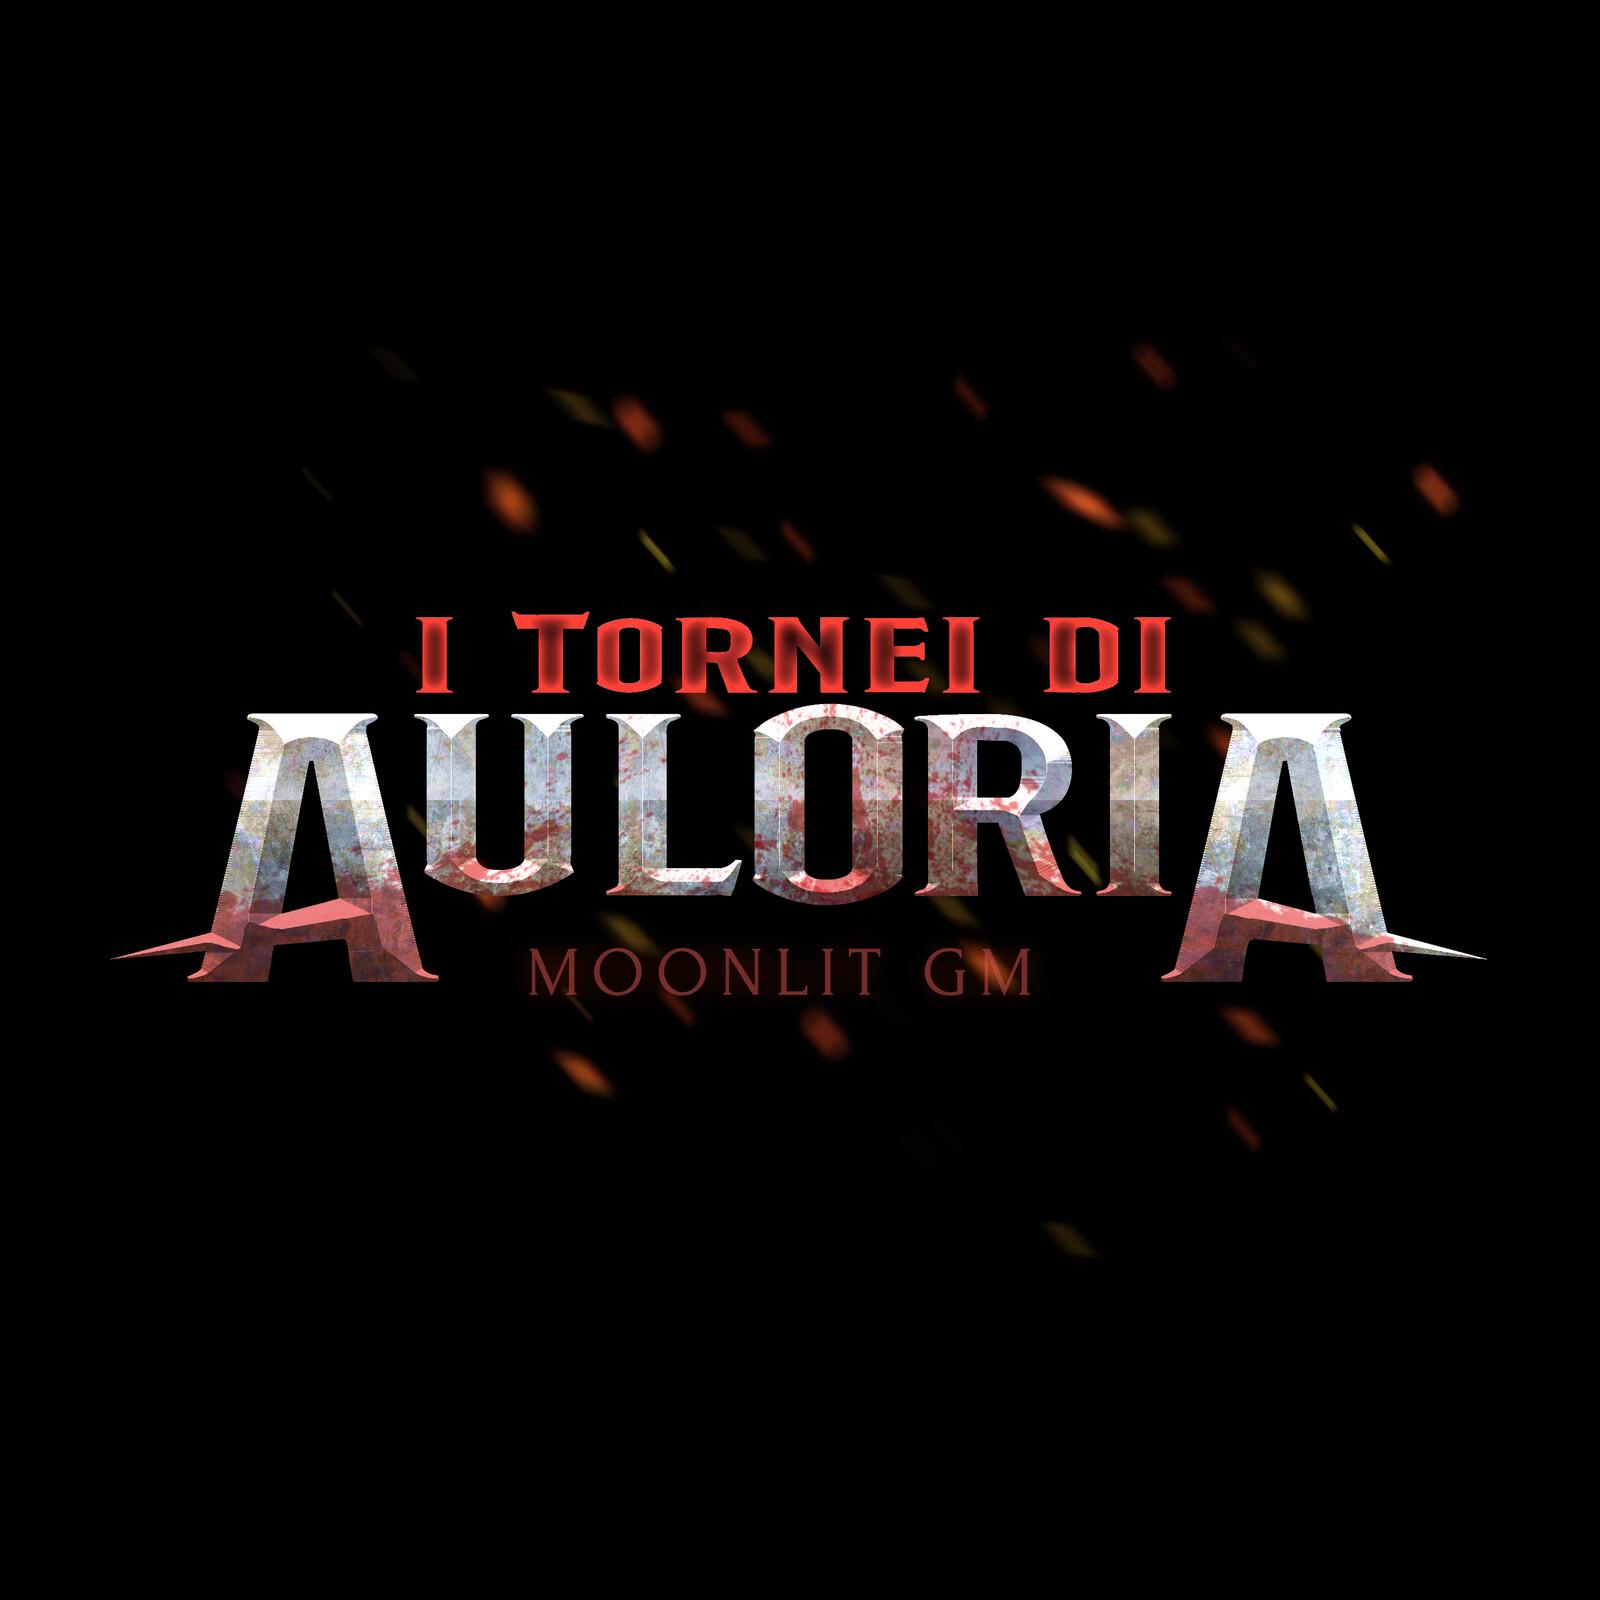 Tornei di Auloria